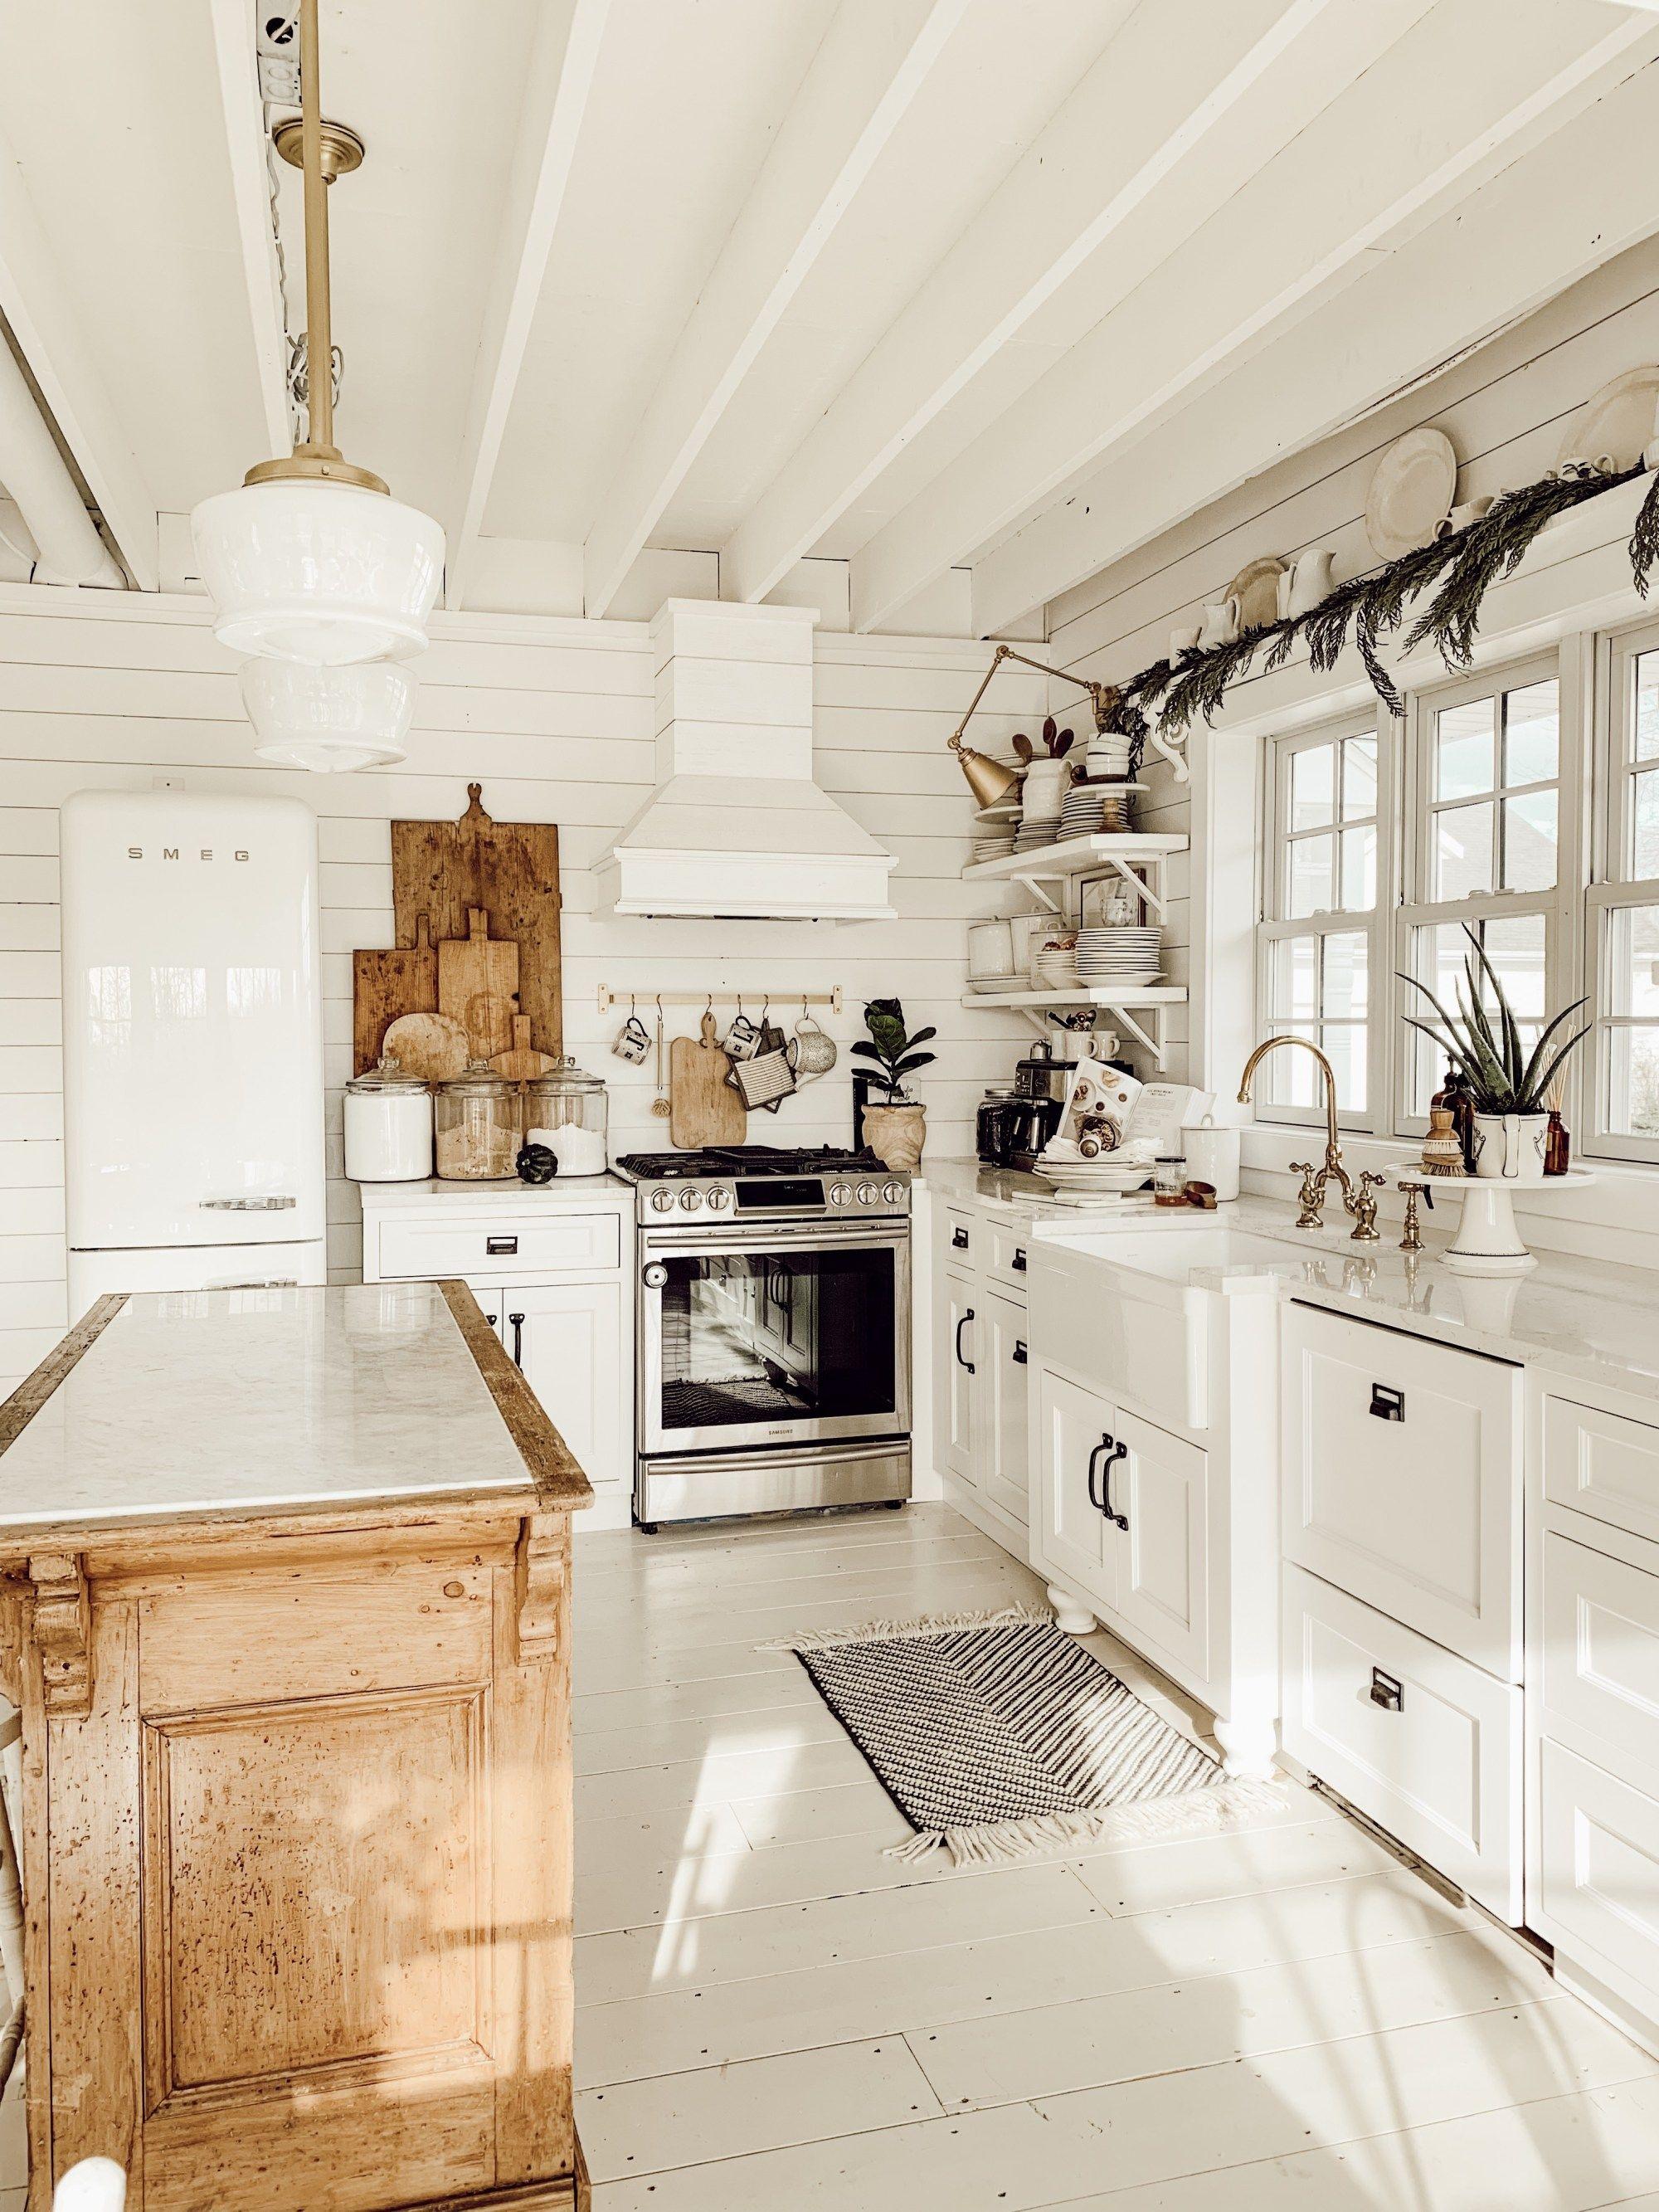 winter farmhouse kitchen modern farmhouse kitchens farmhouse style kitchen home decor kitchen on kitchen cabinets rustic farmhouse style id=83599